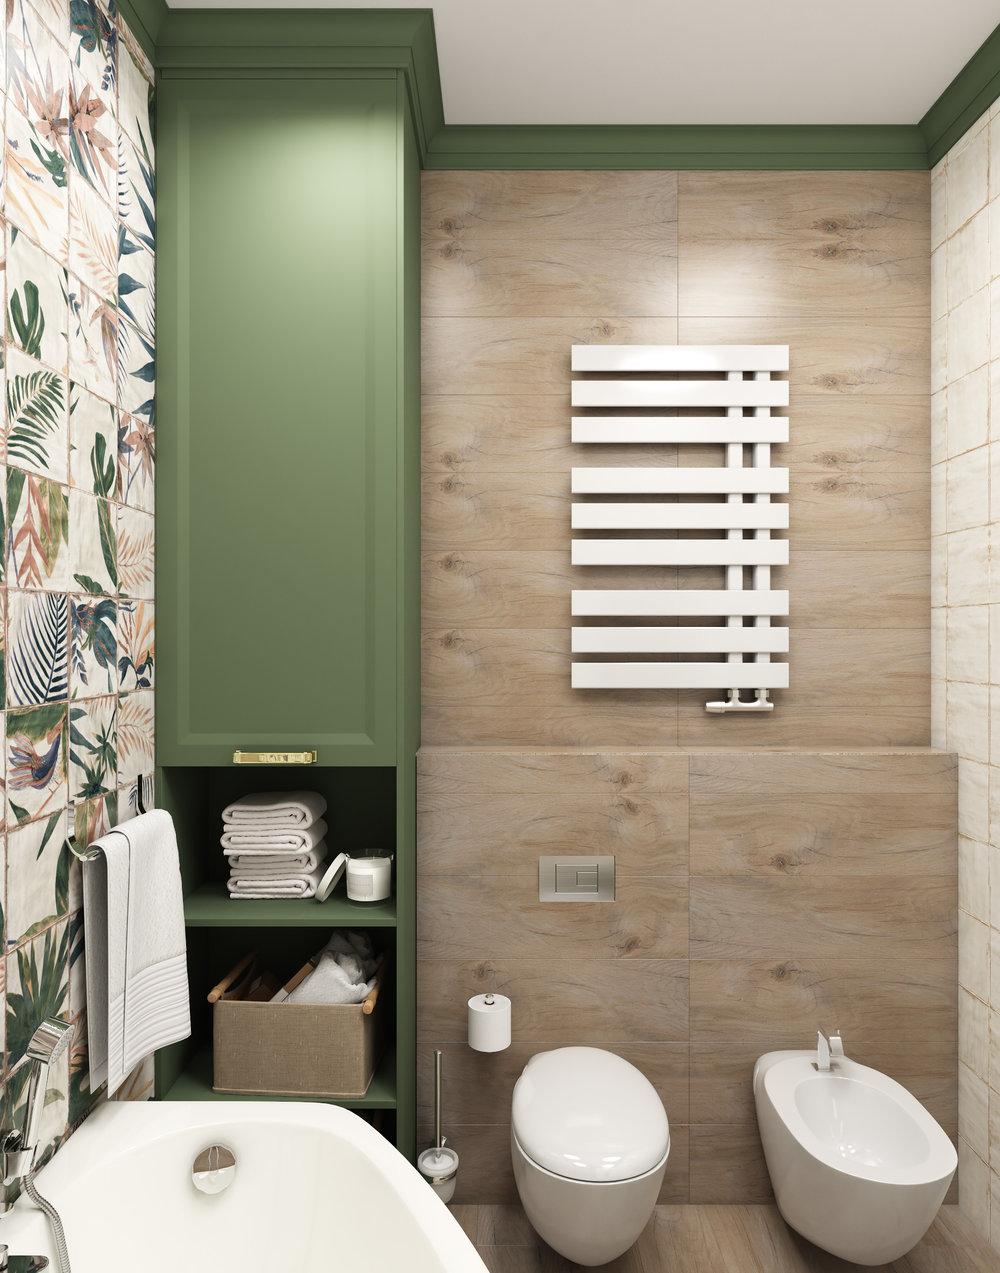 31_Детская ванная комната_вид 3.jpg